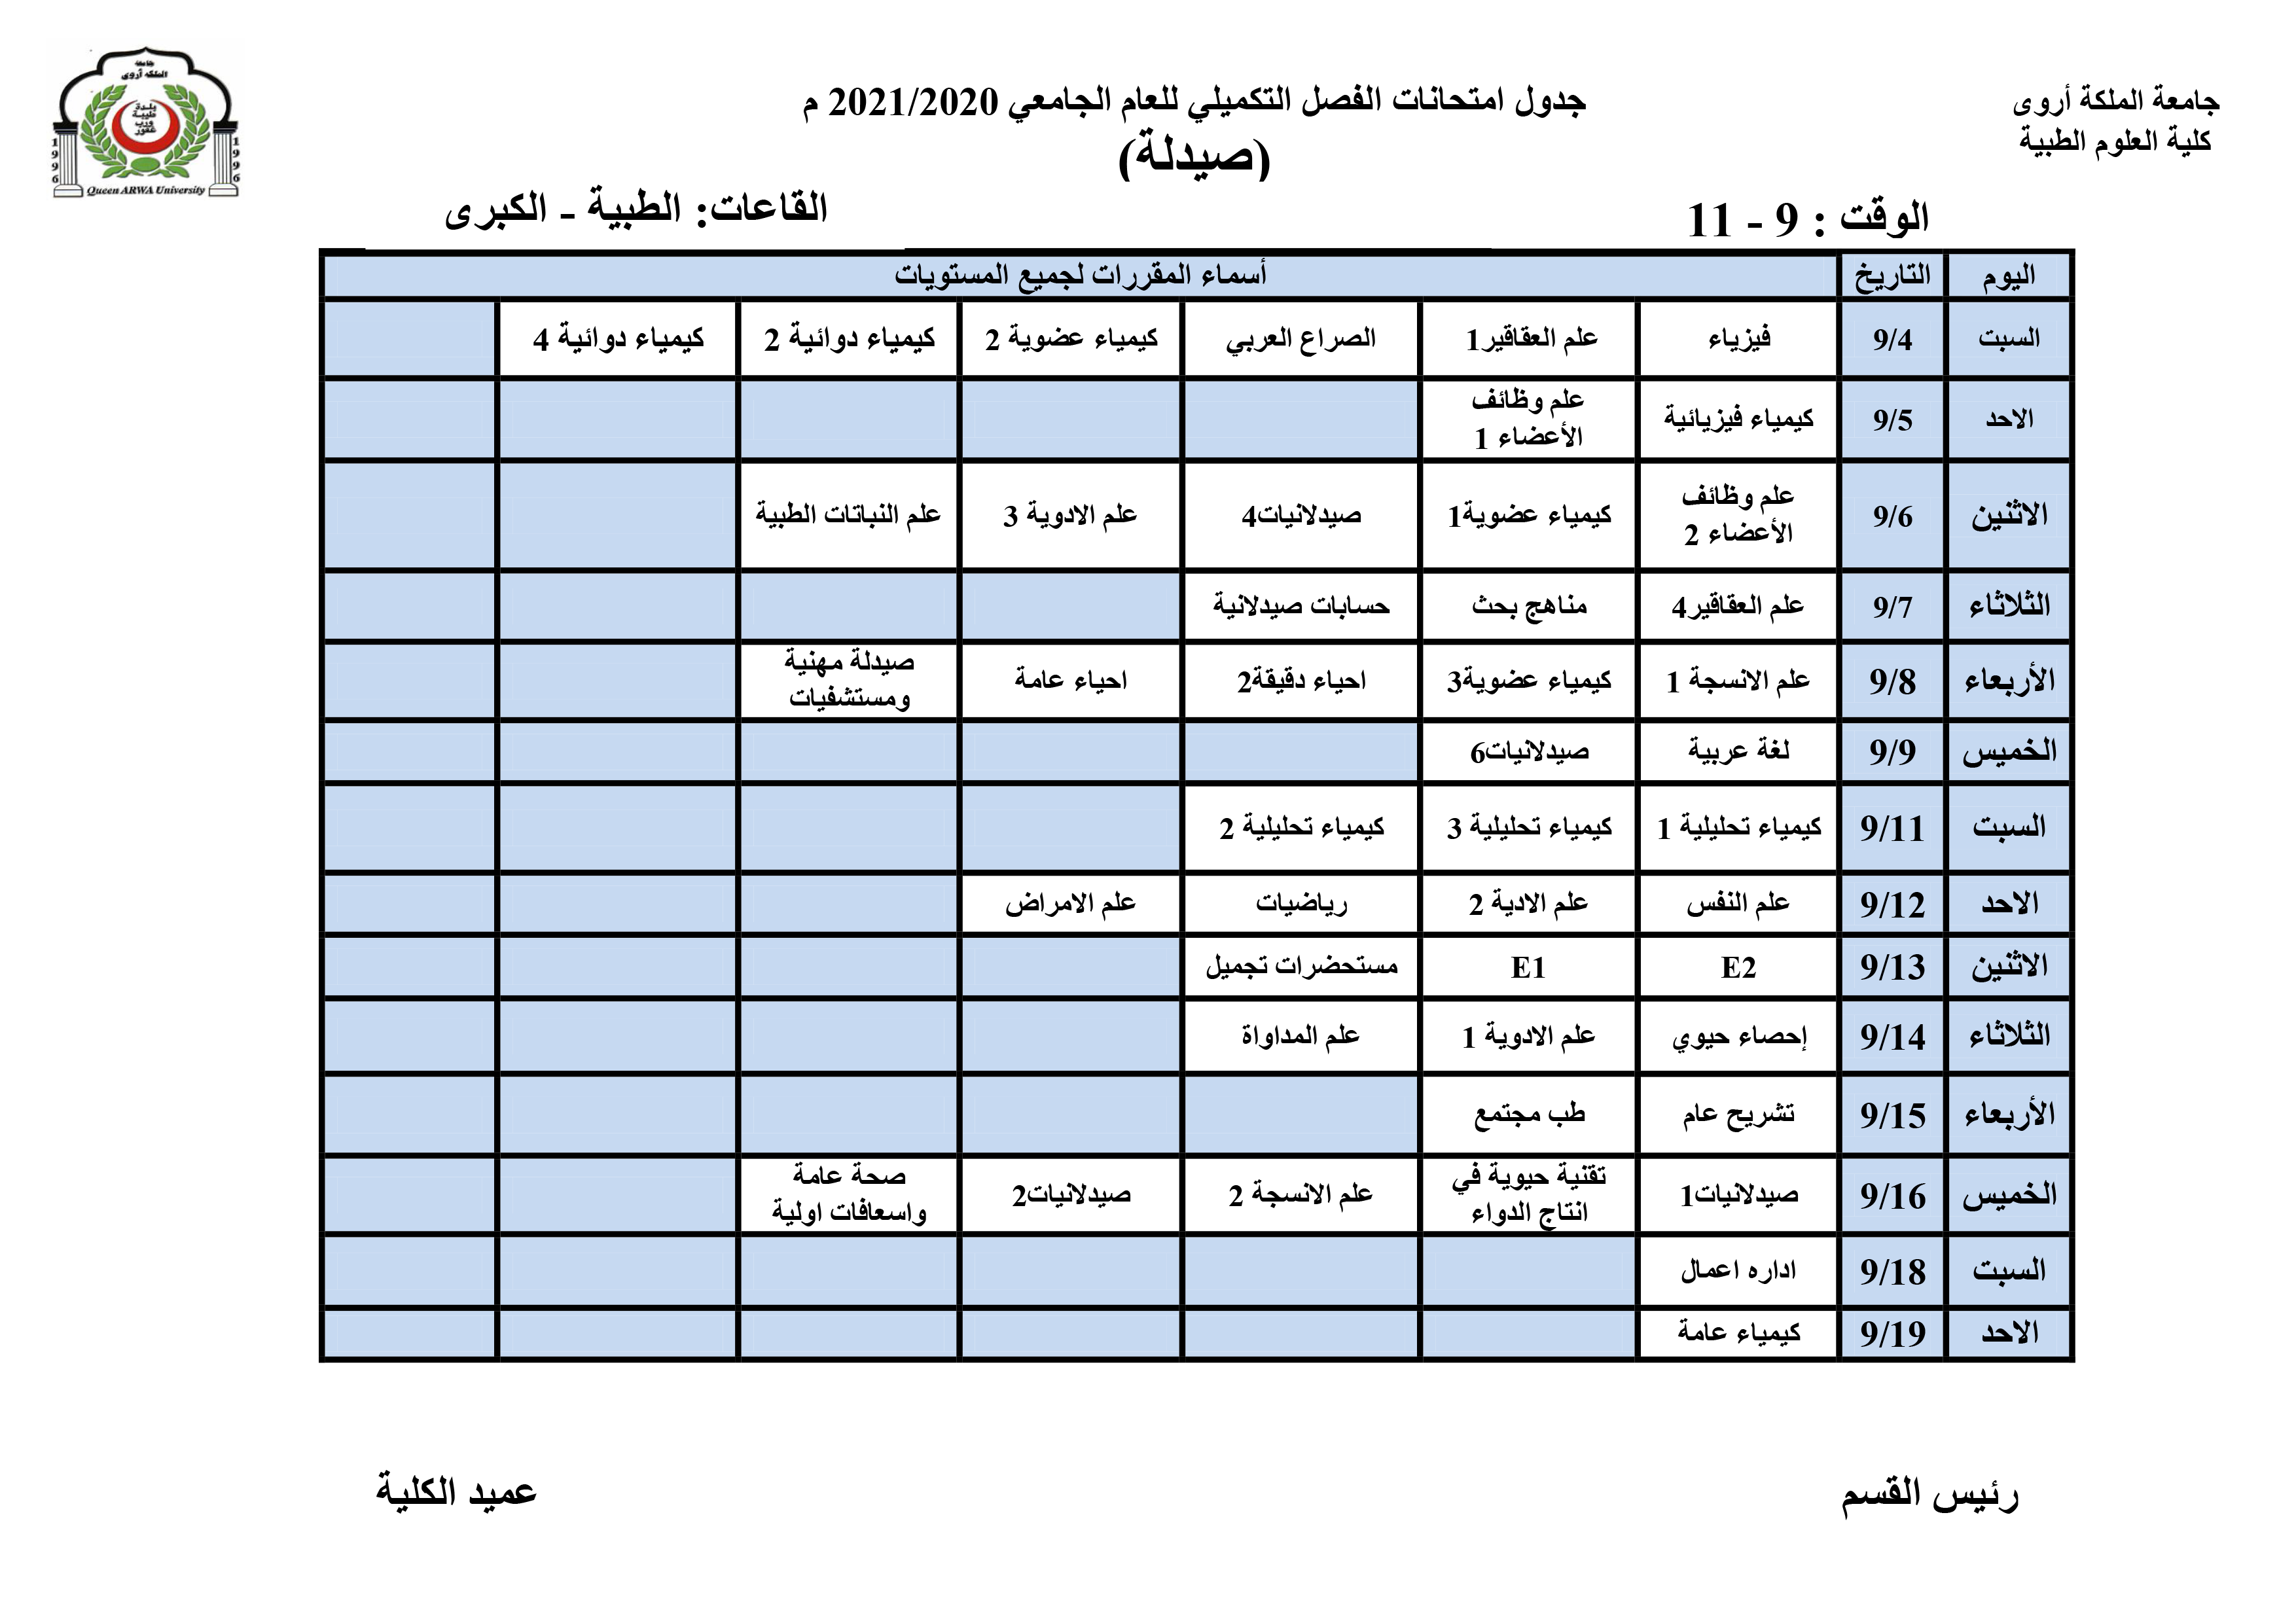 جداول امتحانات الفصل التكميلي (الصيفي) للعام الجامعي 2020/2021 م